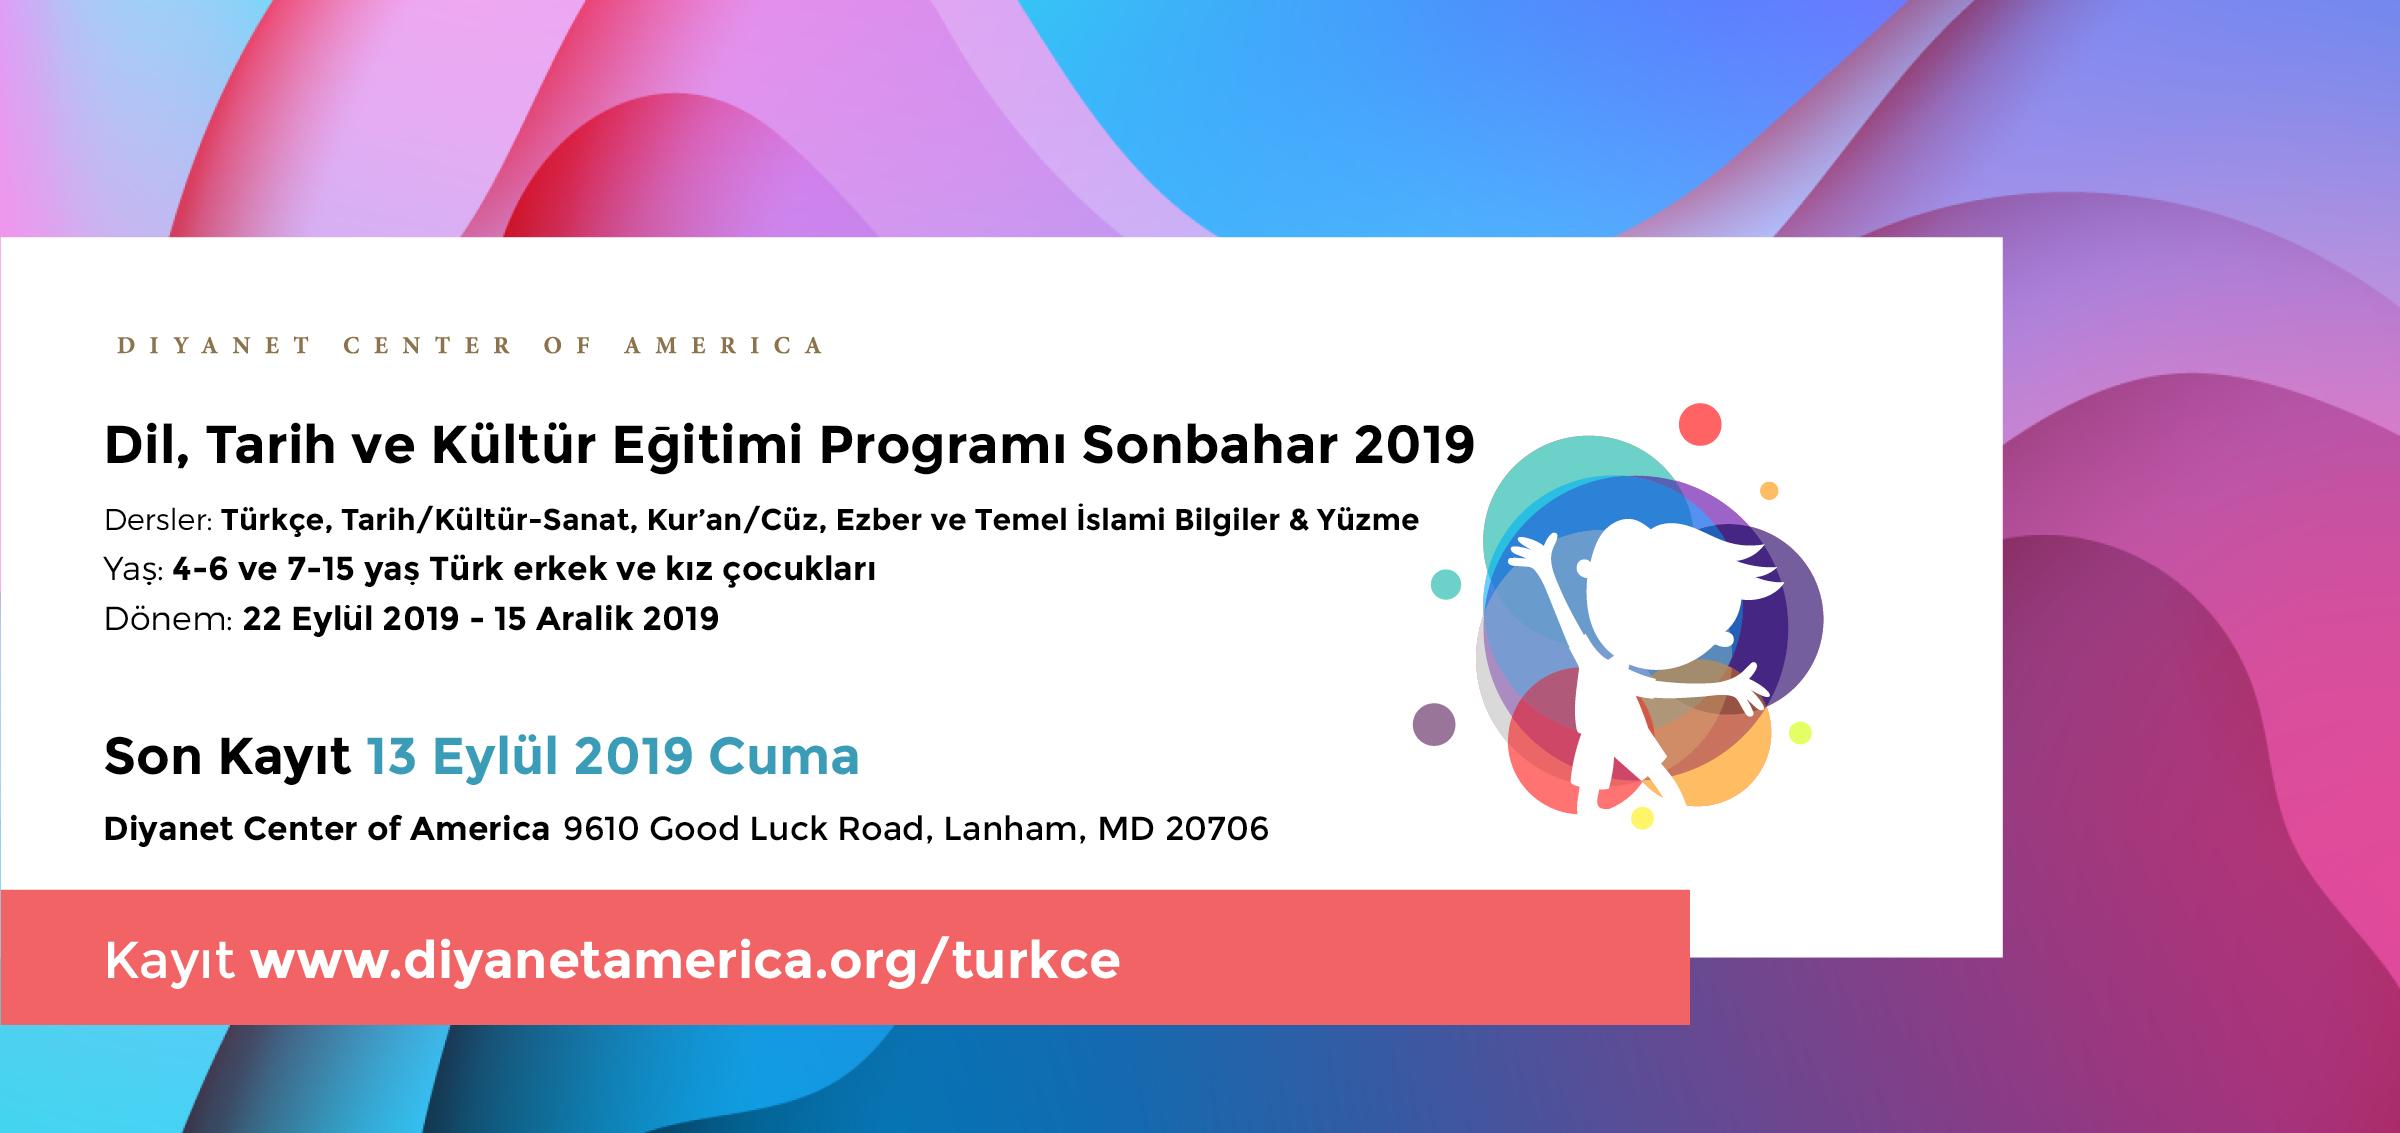 DCA Dil, Tarih ve Kültür Eğitimi Programı Sonbahar 2019